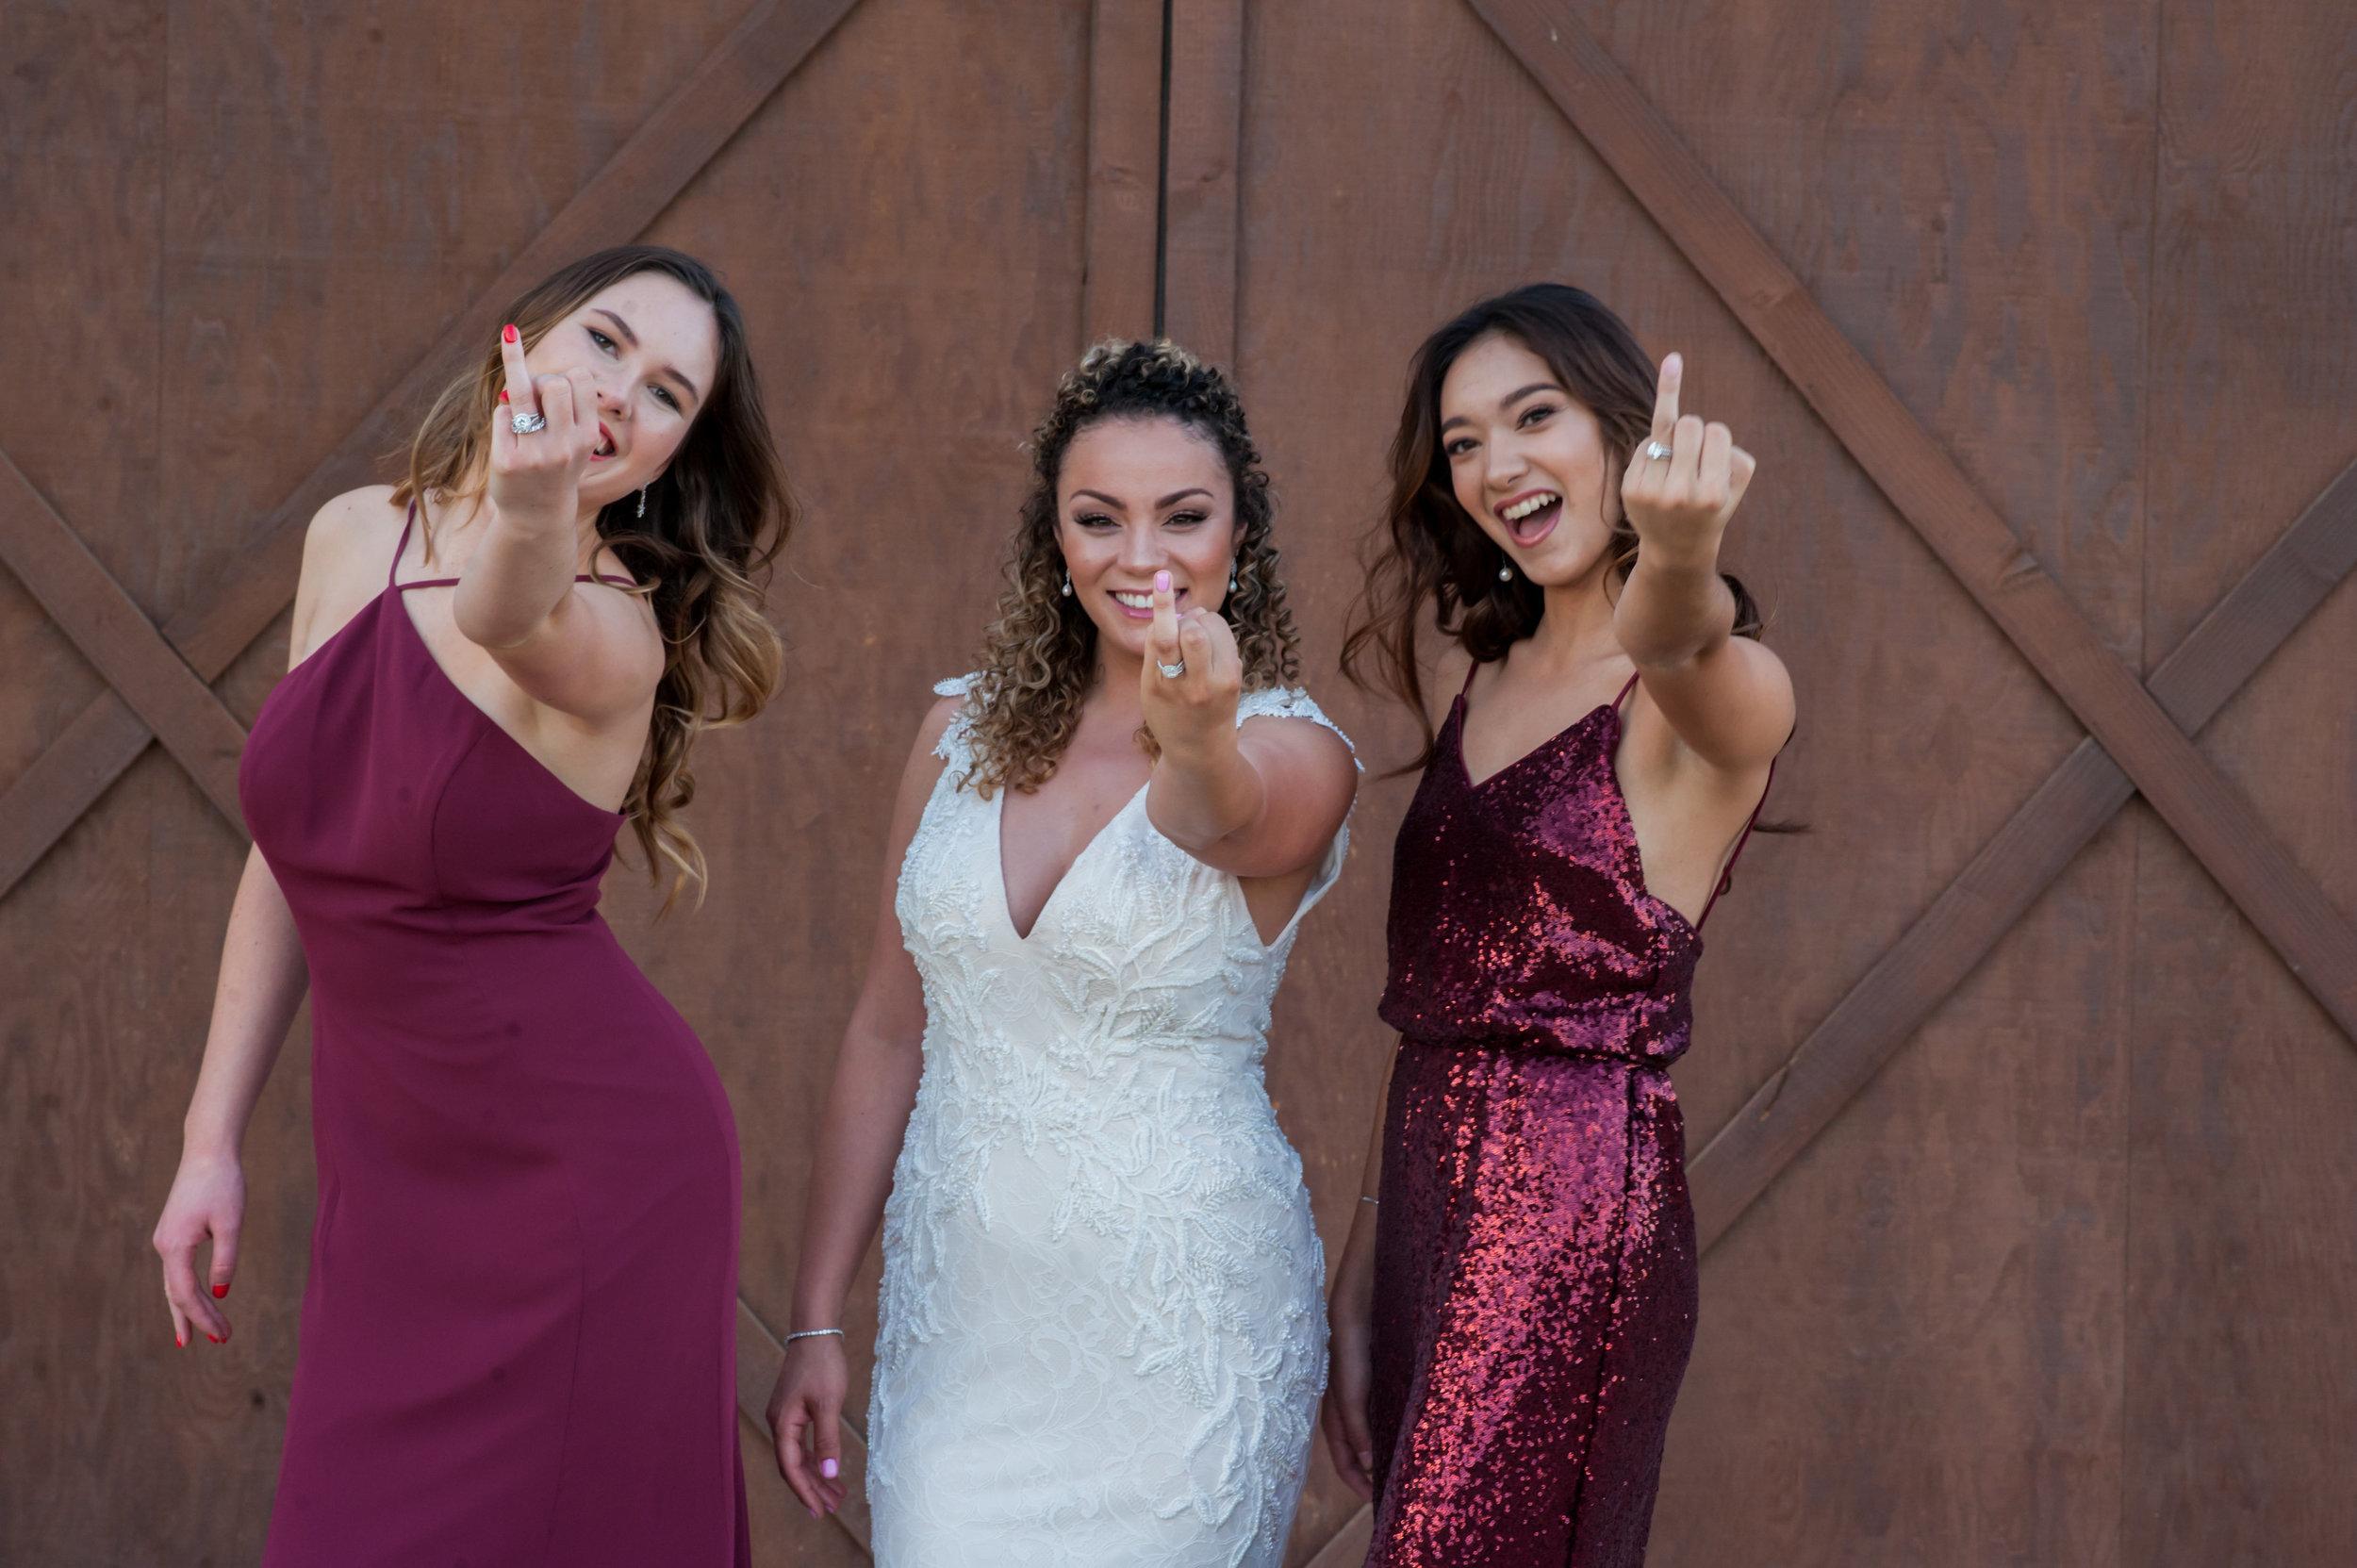 jwatters-bridesmaid- winery-glam-wedding.jpg